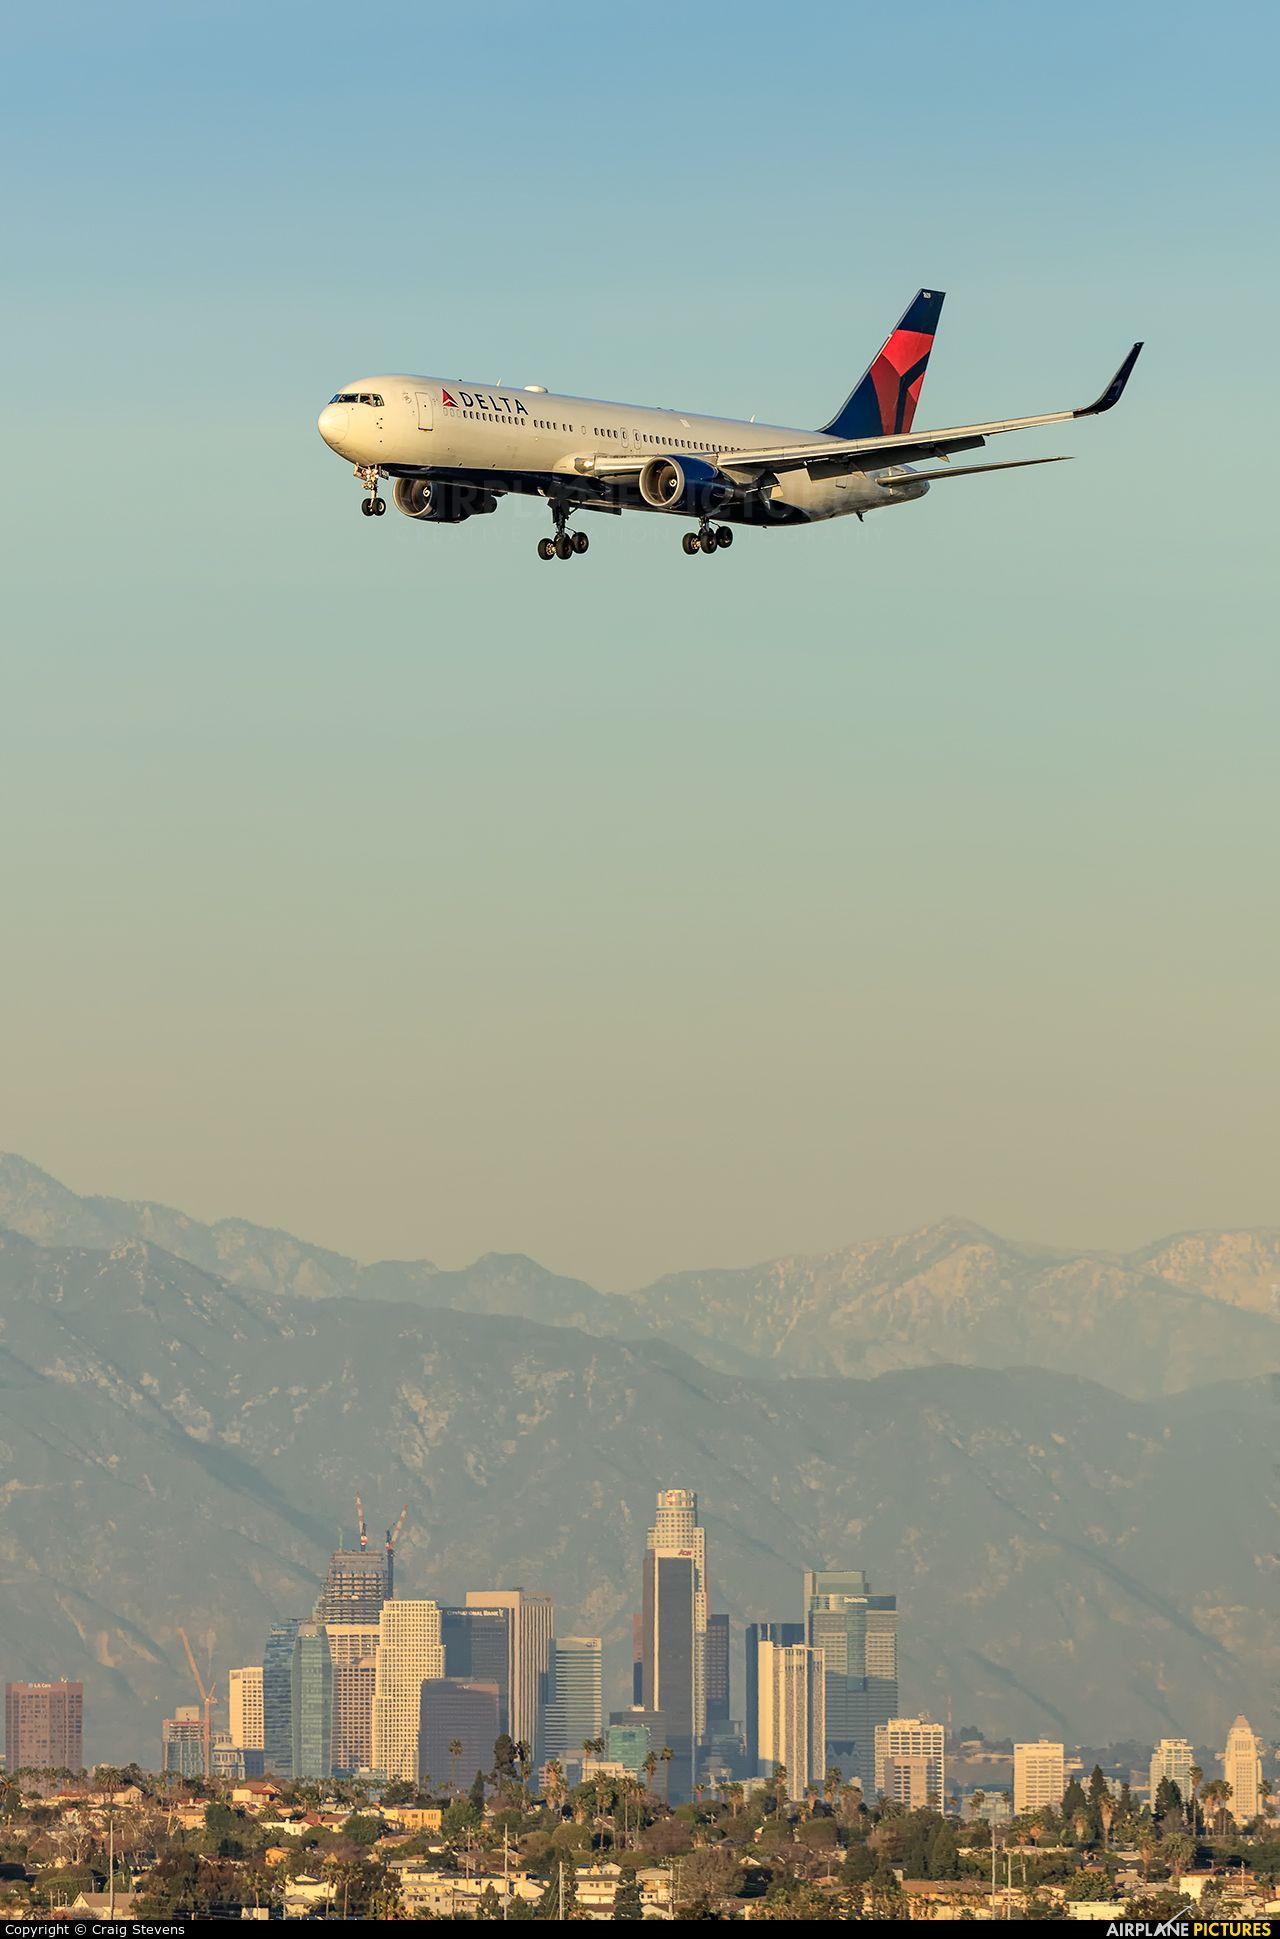 Delta Air Lines N1609 aircraft at Los Angeles Intl photo